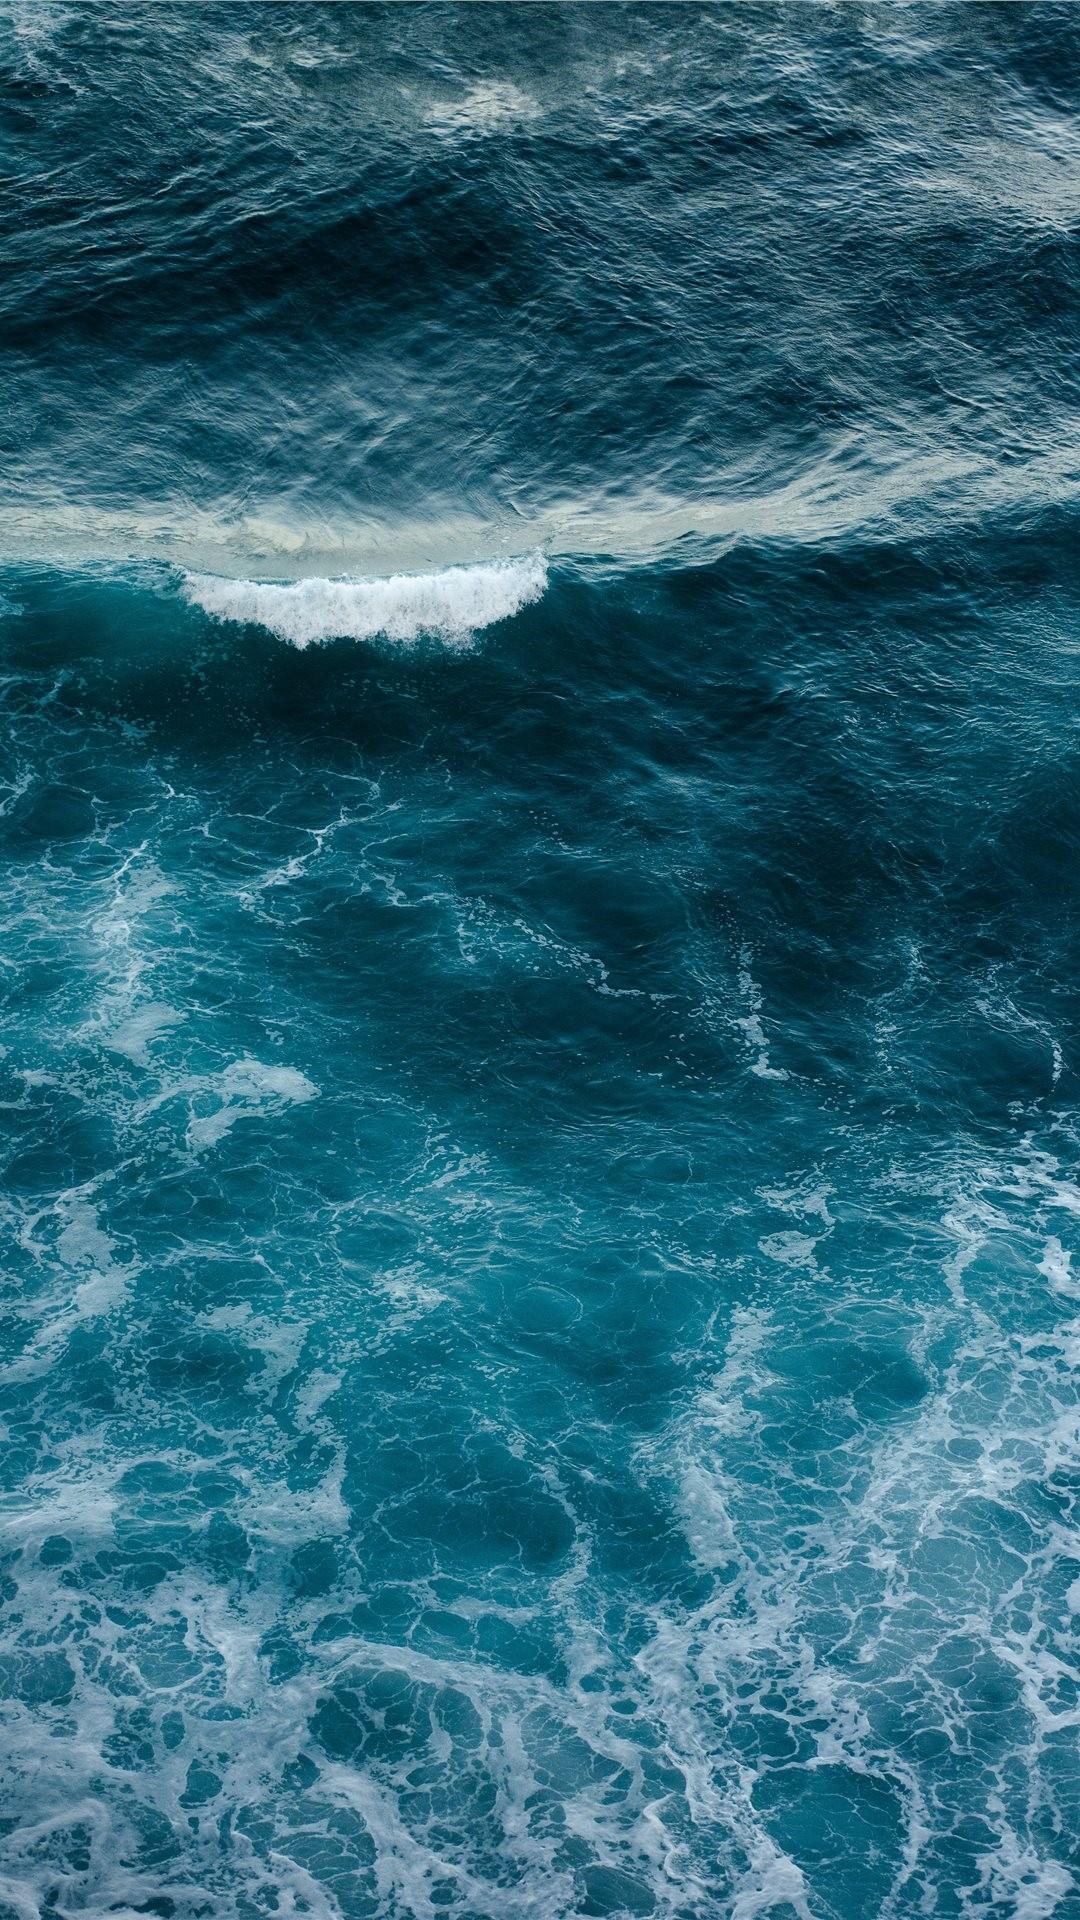 Ocean iphone wallpaper